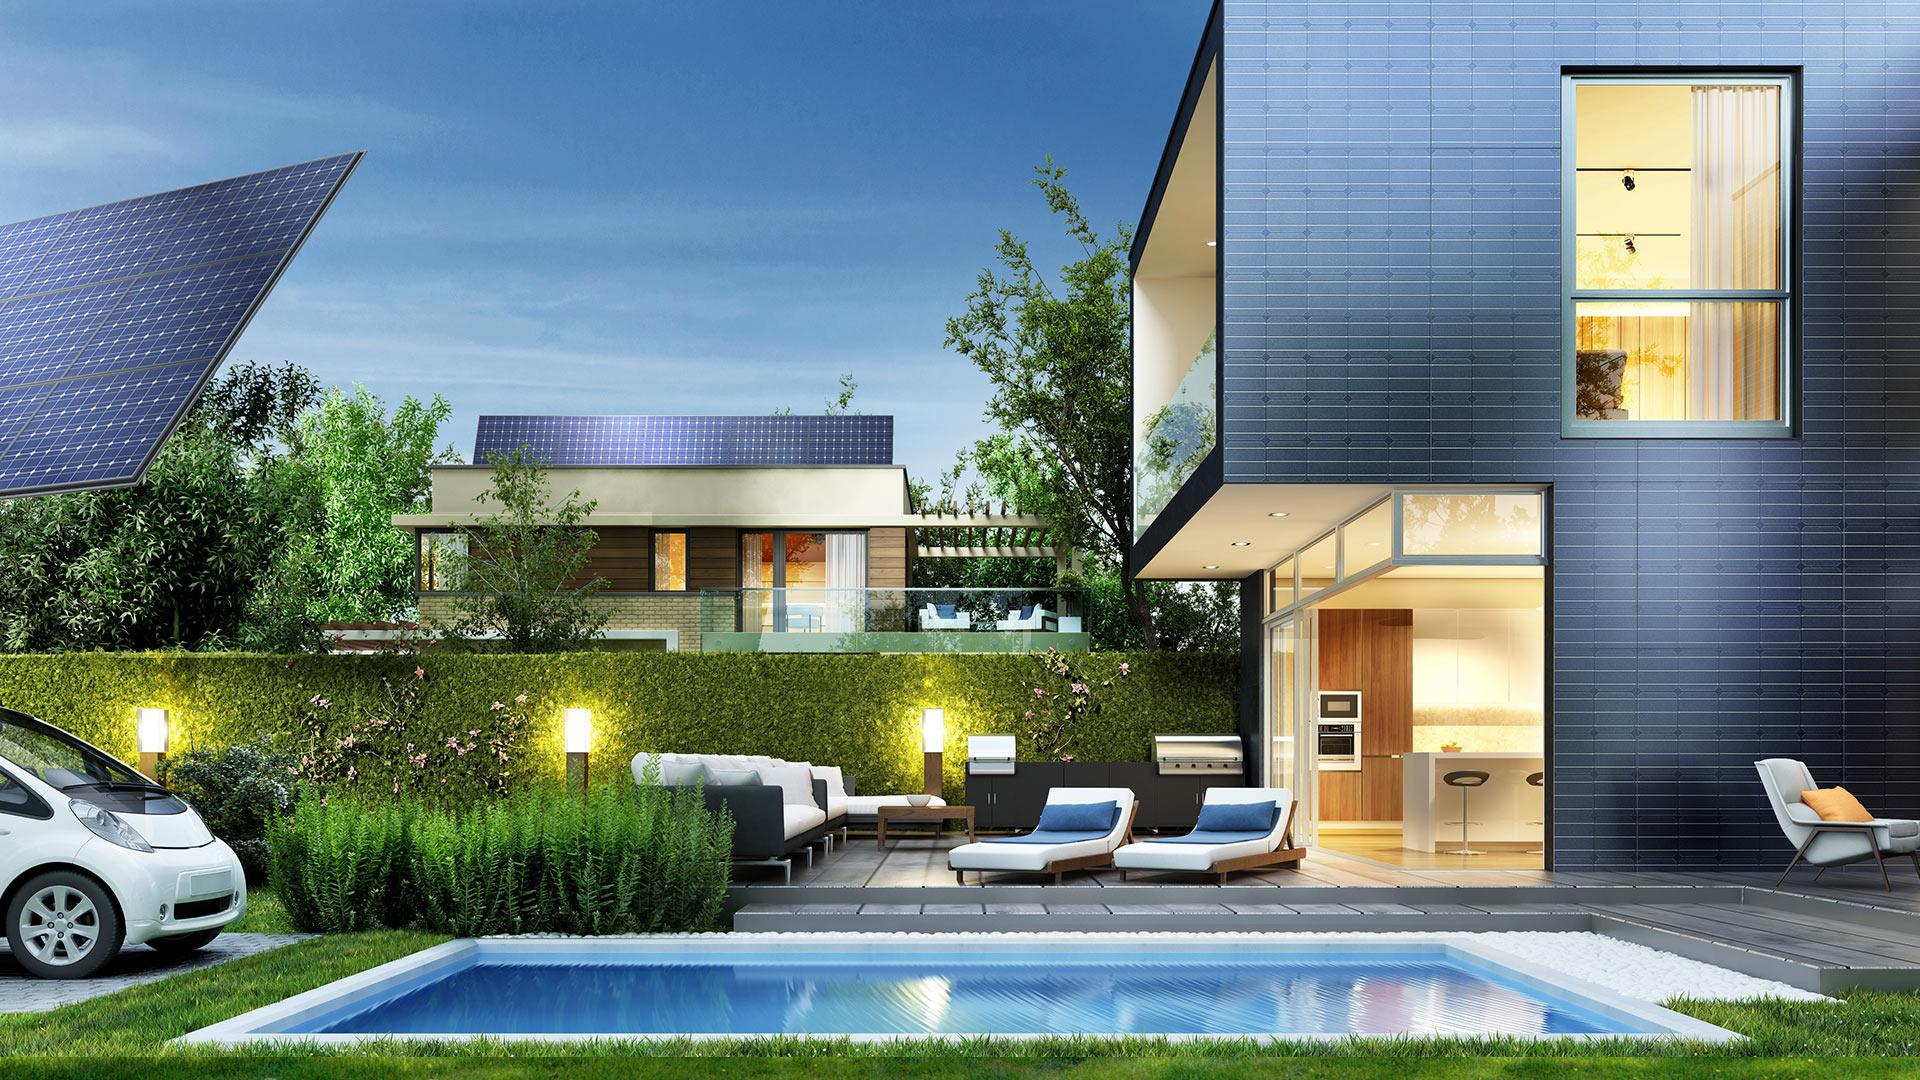 Haus mit Garten